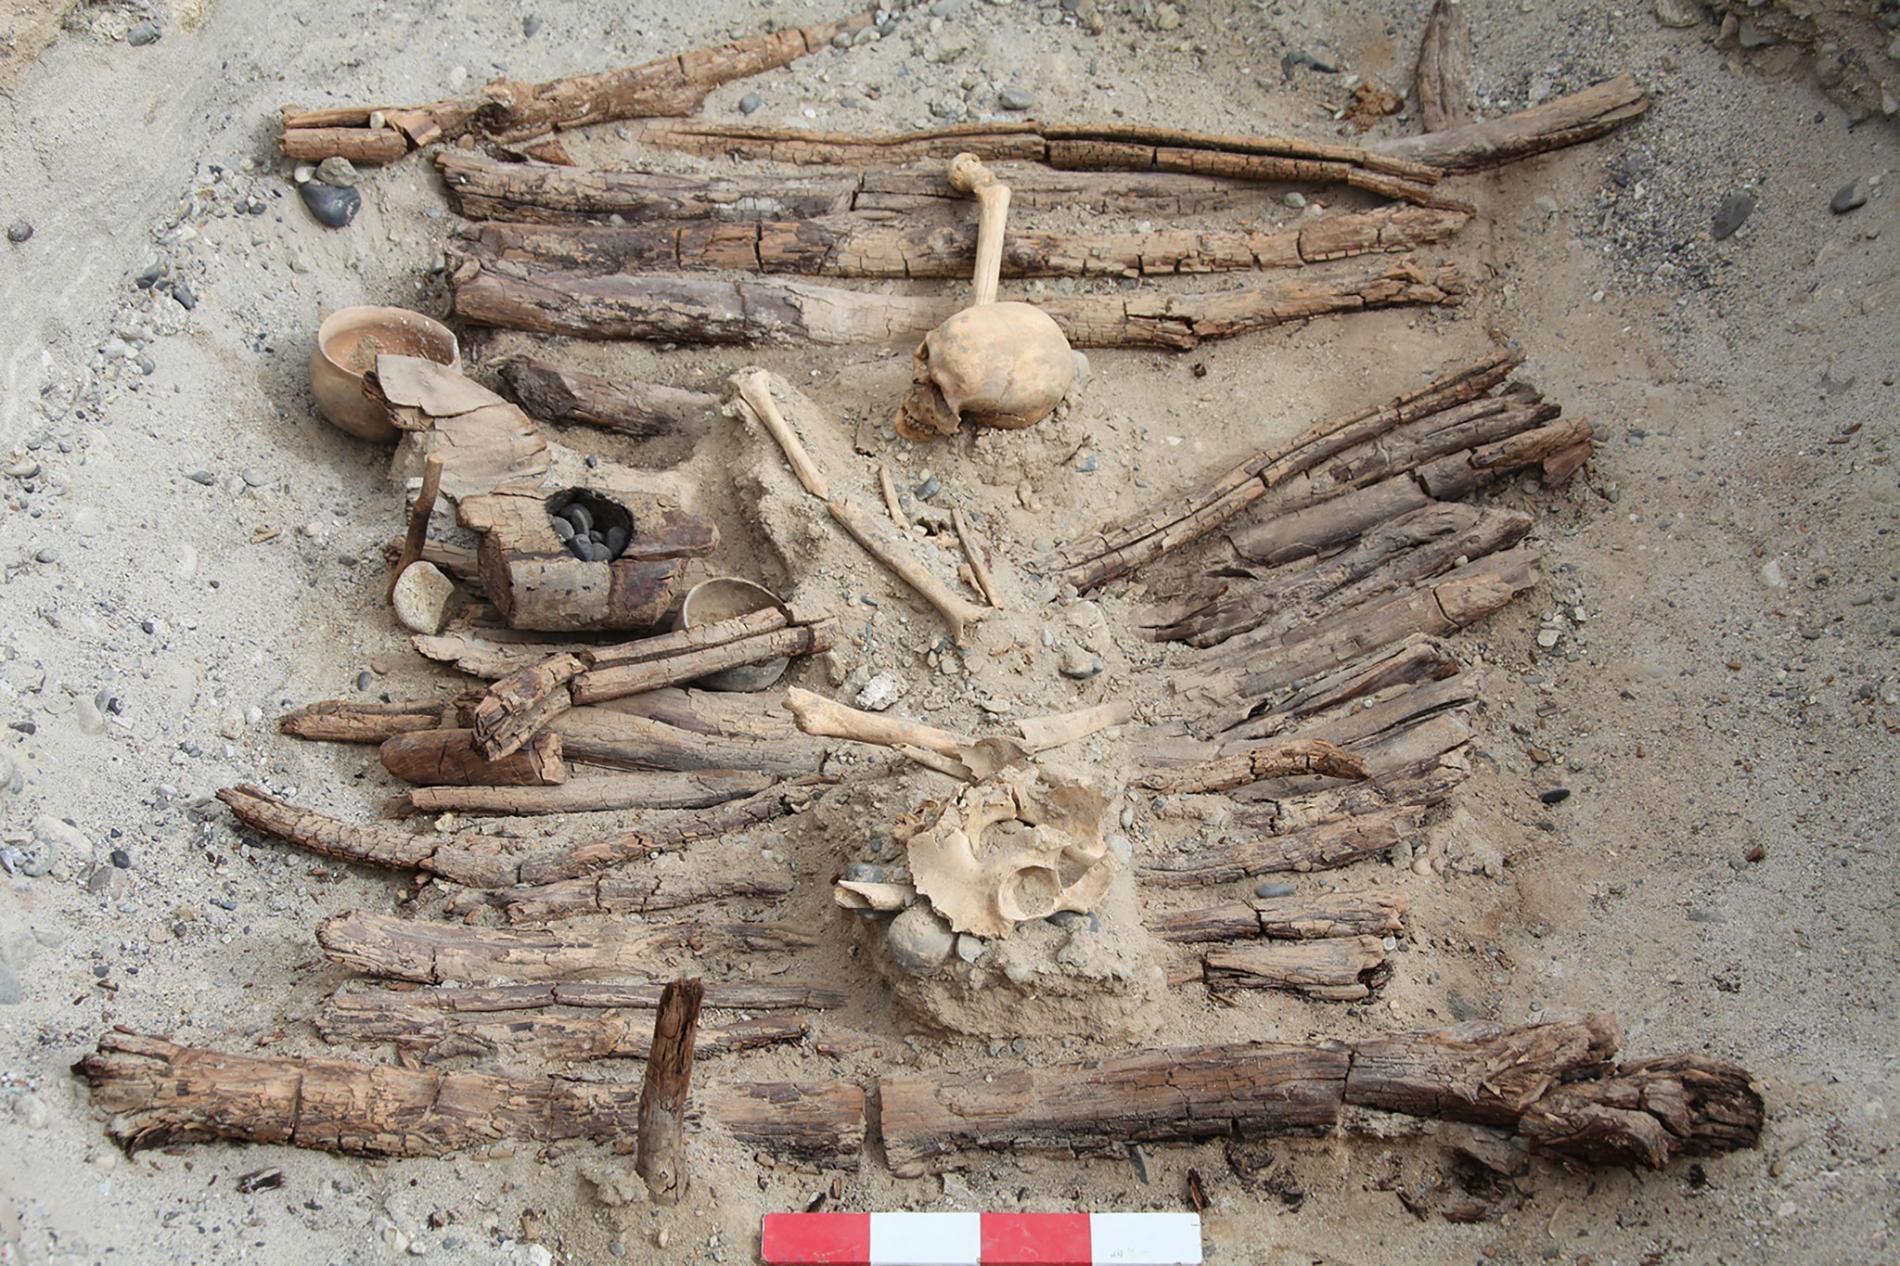 在吉爾贊喀勒墓地這處已發掘的墓葬左側,可看到一個木火盆。攝影:XINHUA WU